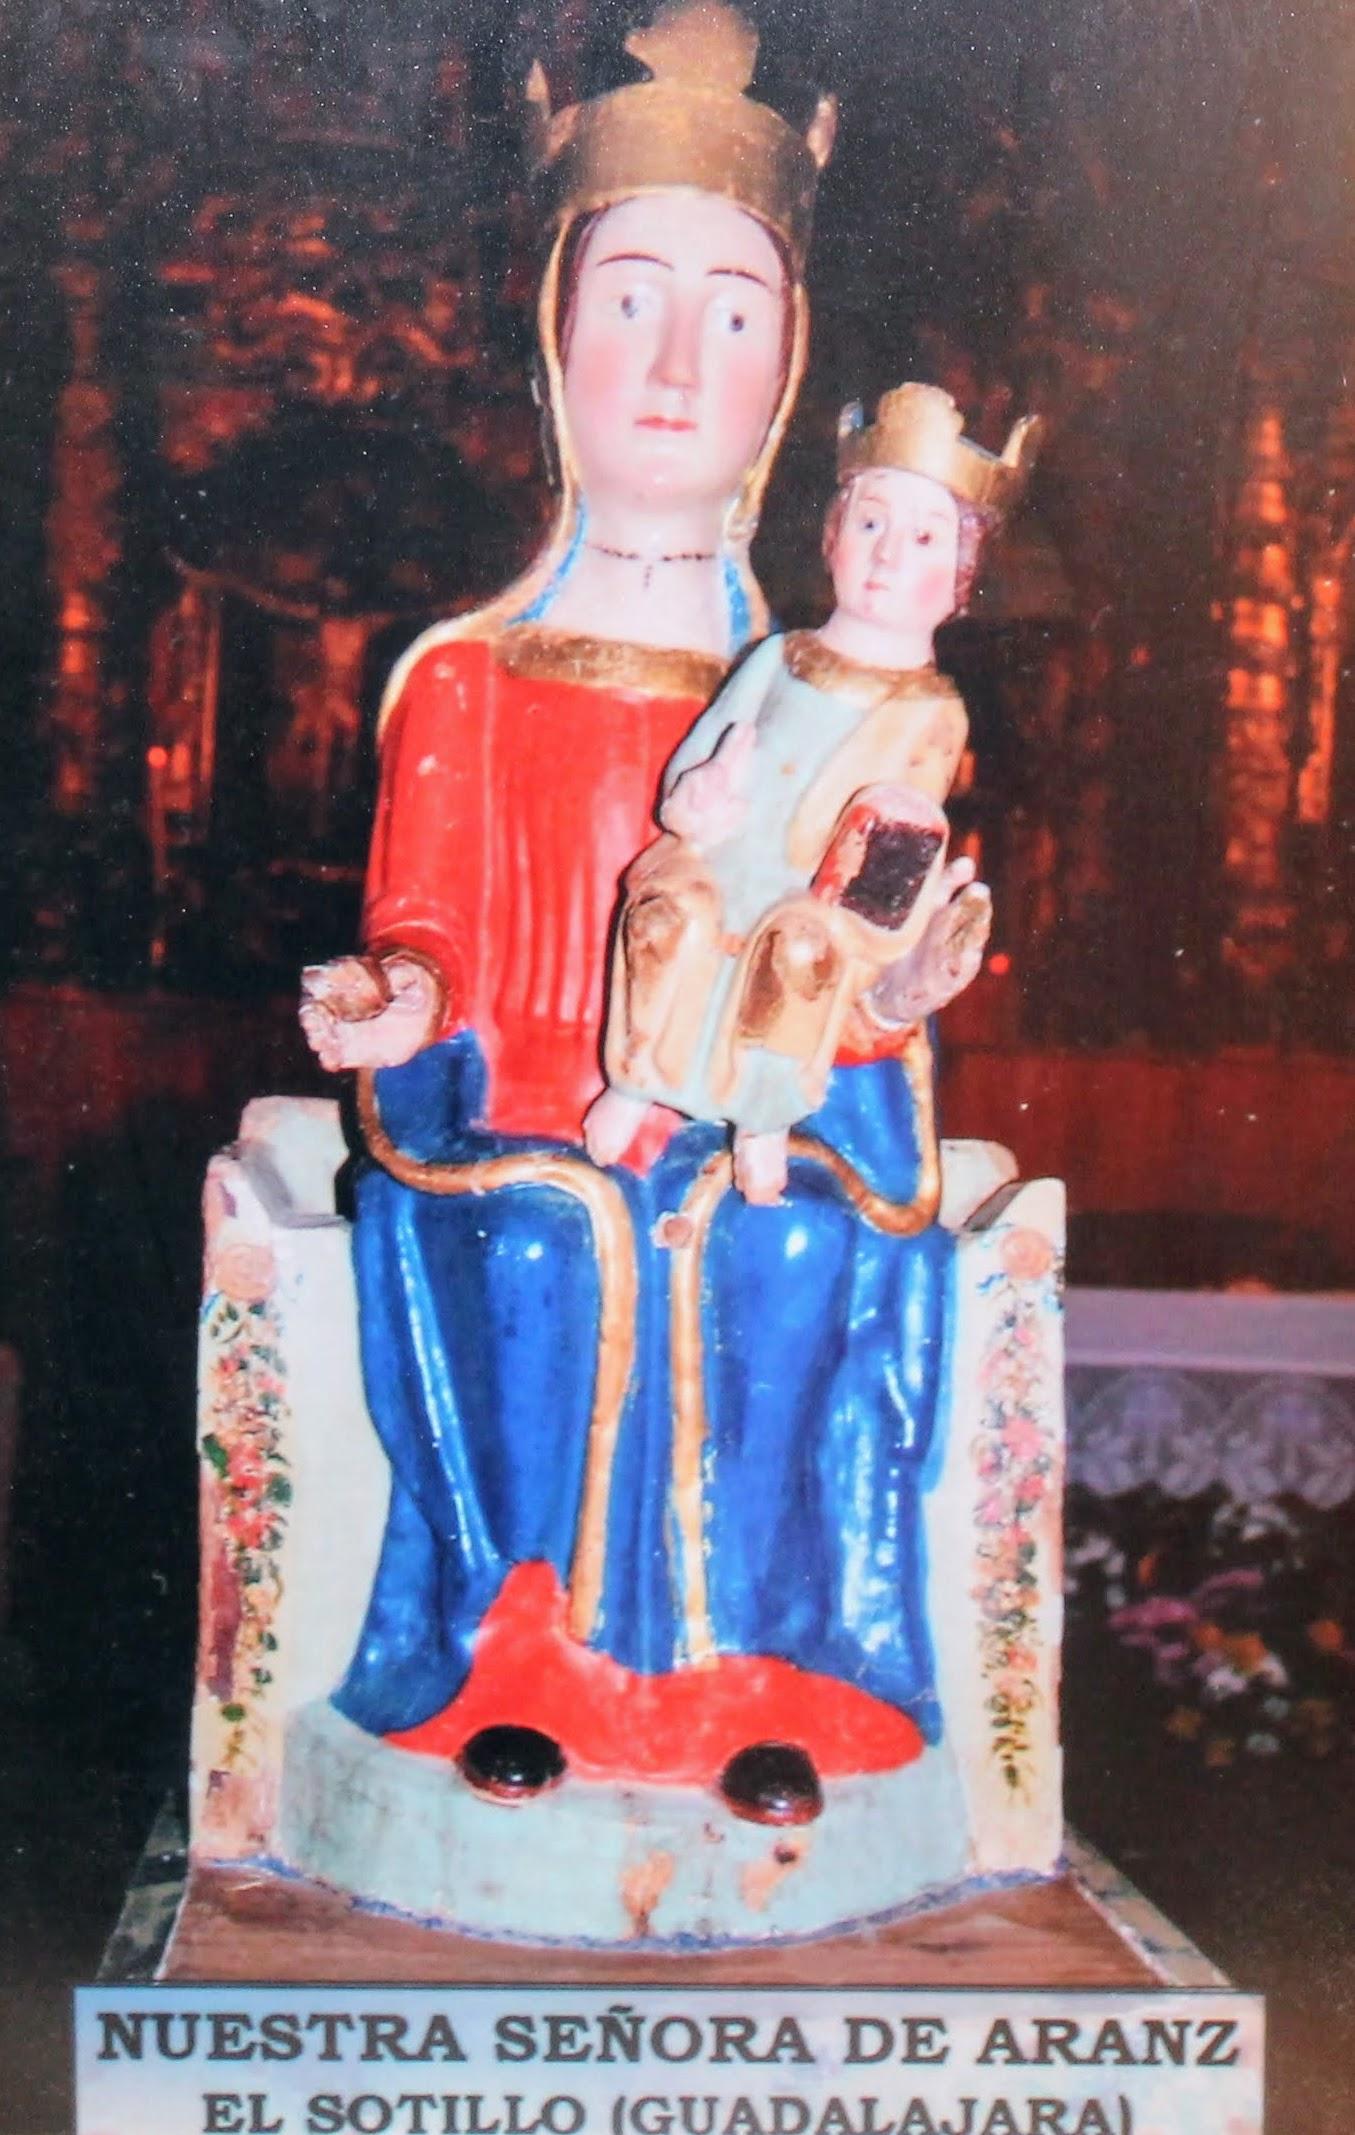 Nuestra Señora de Aranz. El Sotillo (Guadalajara)